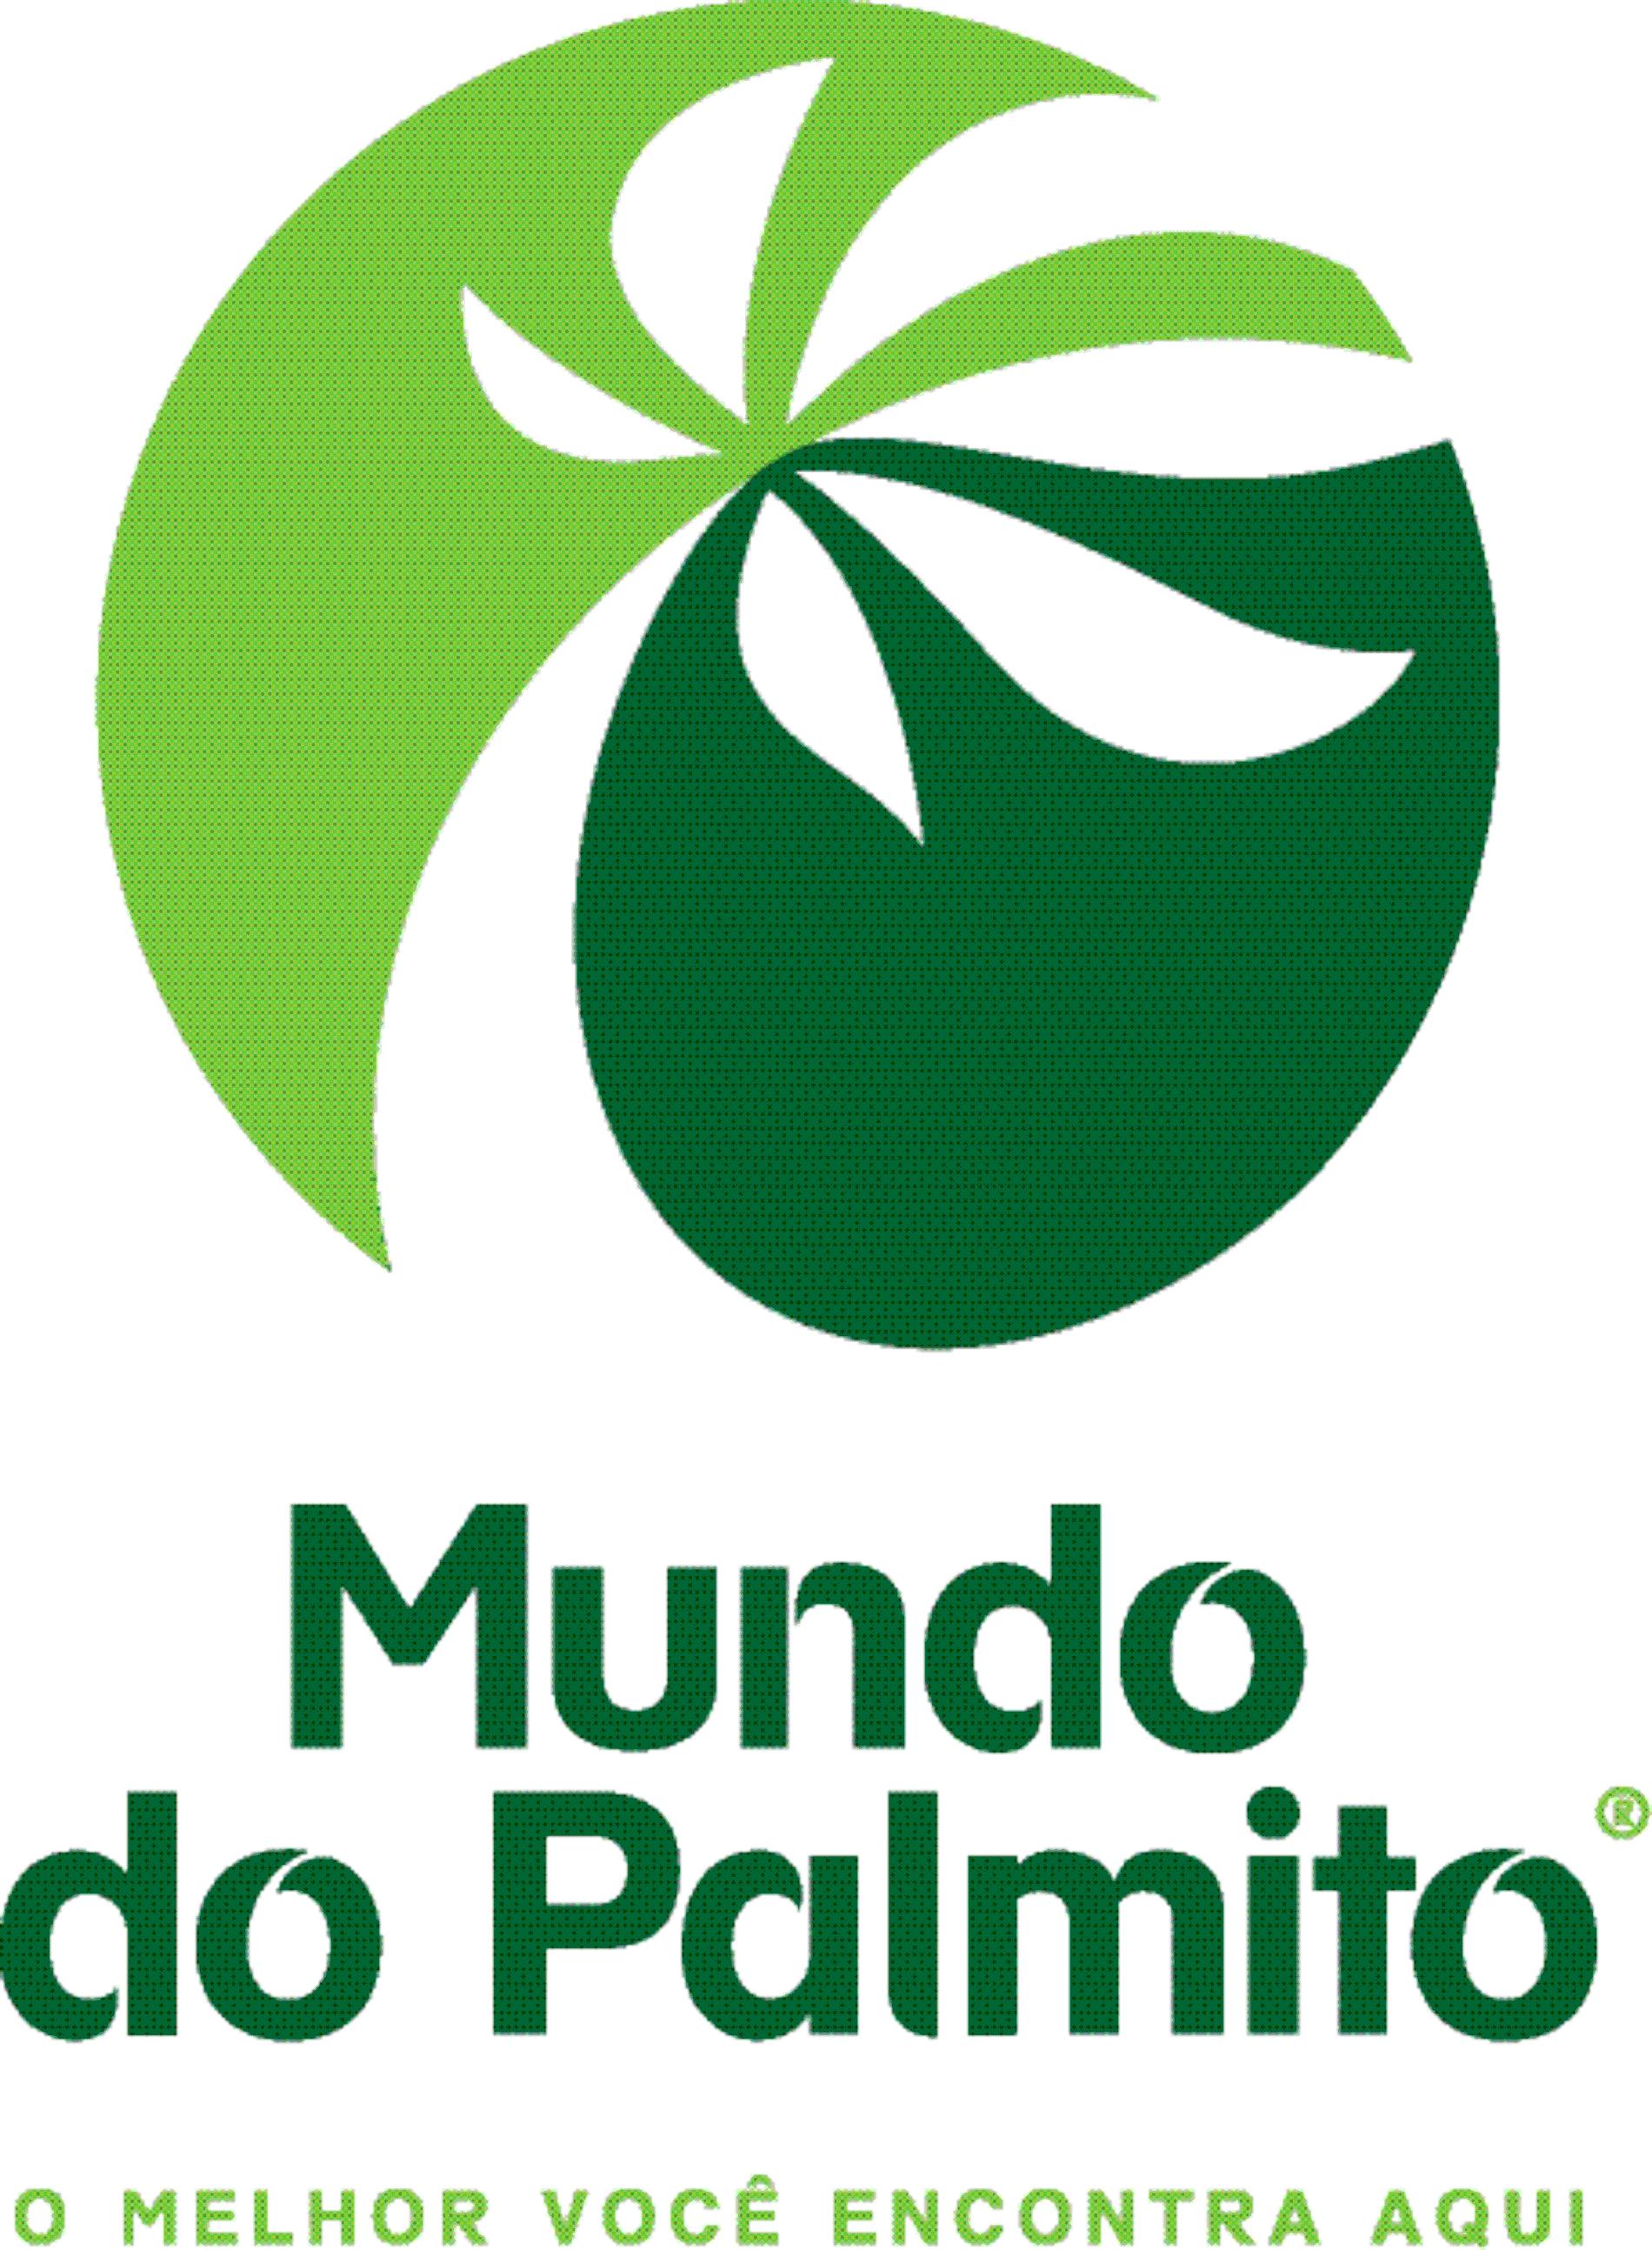 MUNDO DO PALMITO